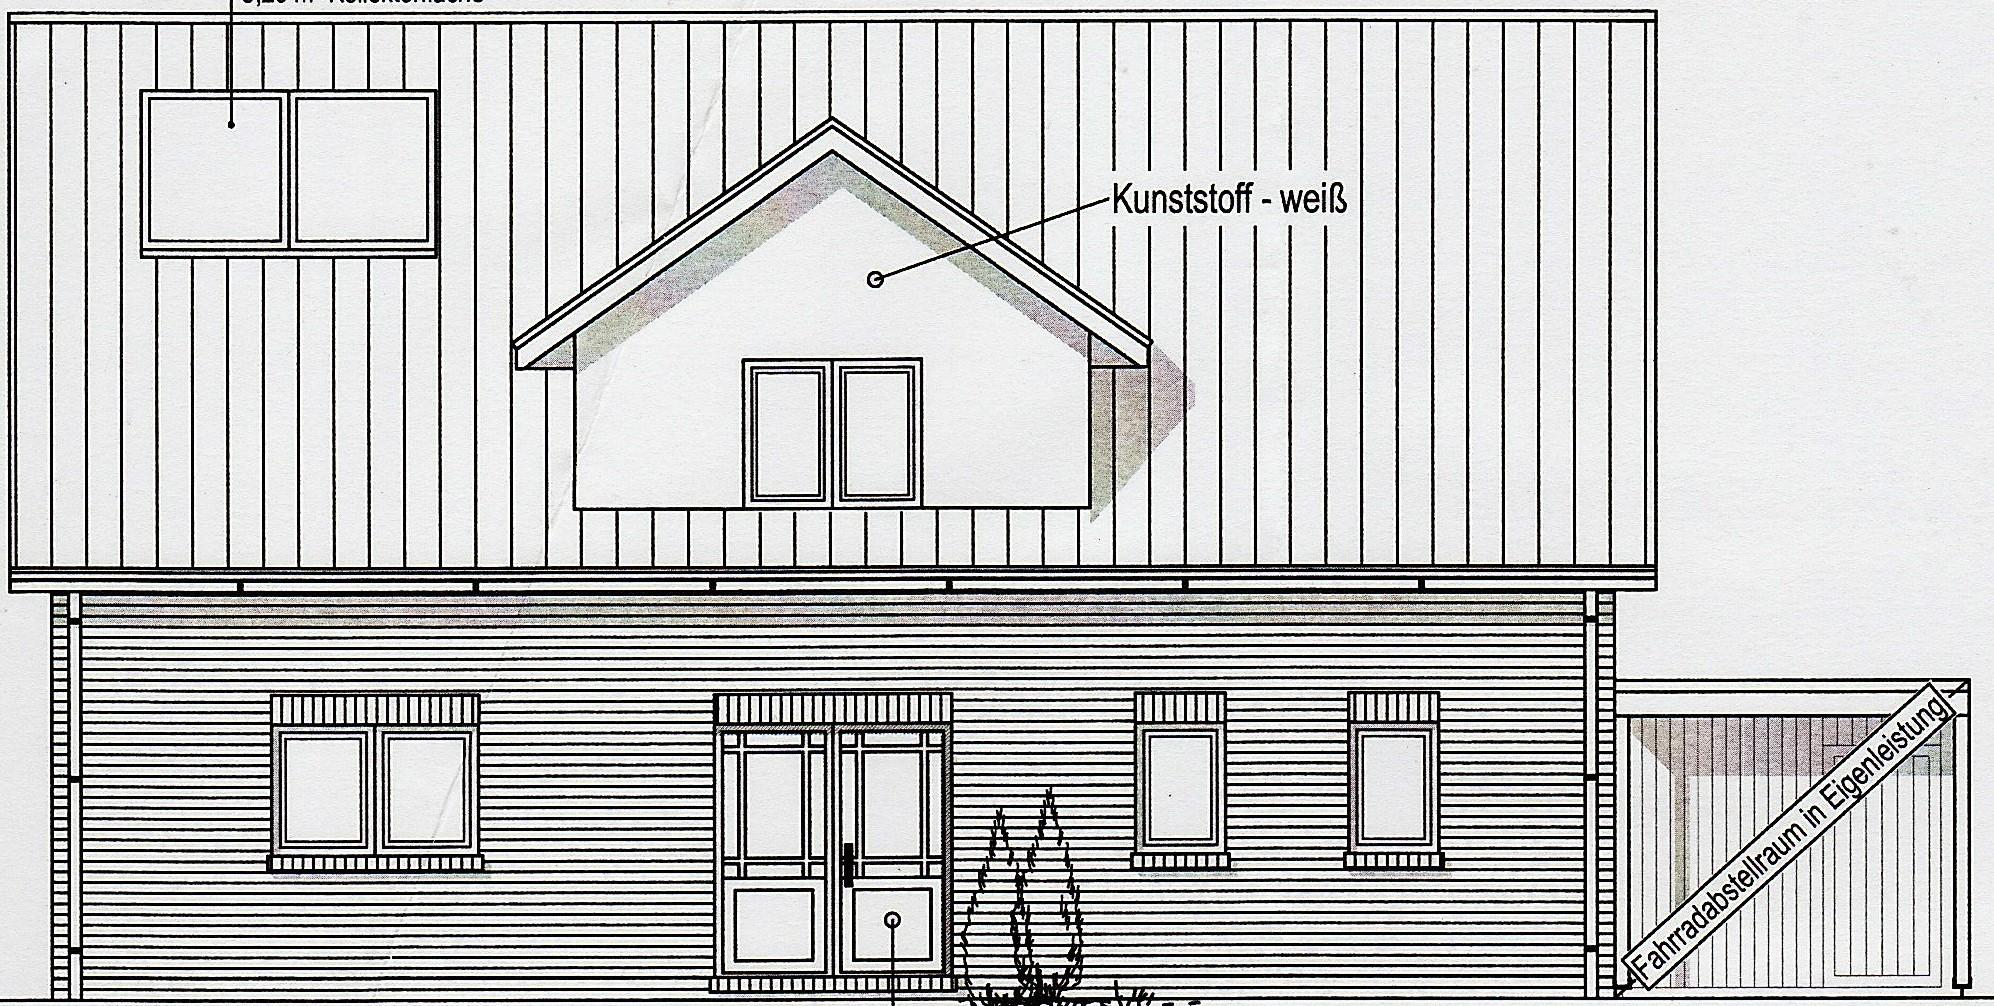 familie blome baut ein haus startseite. Black Bedroom Furniture Sets. Home Design Ideas